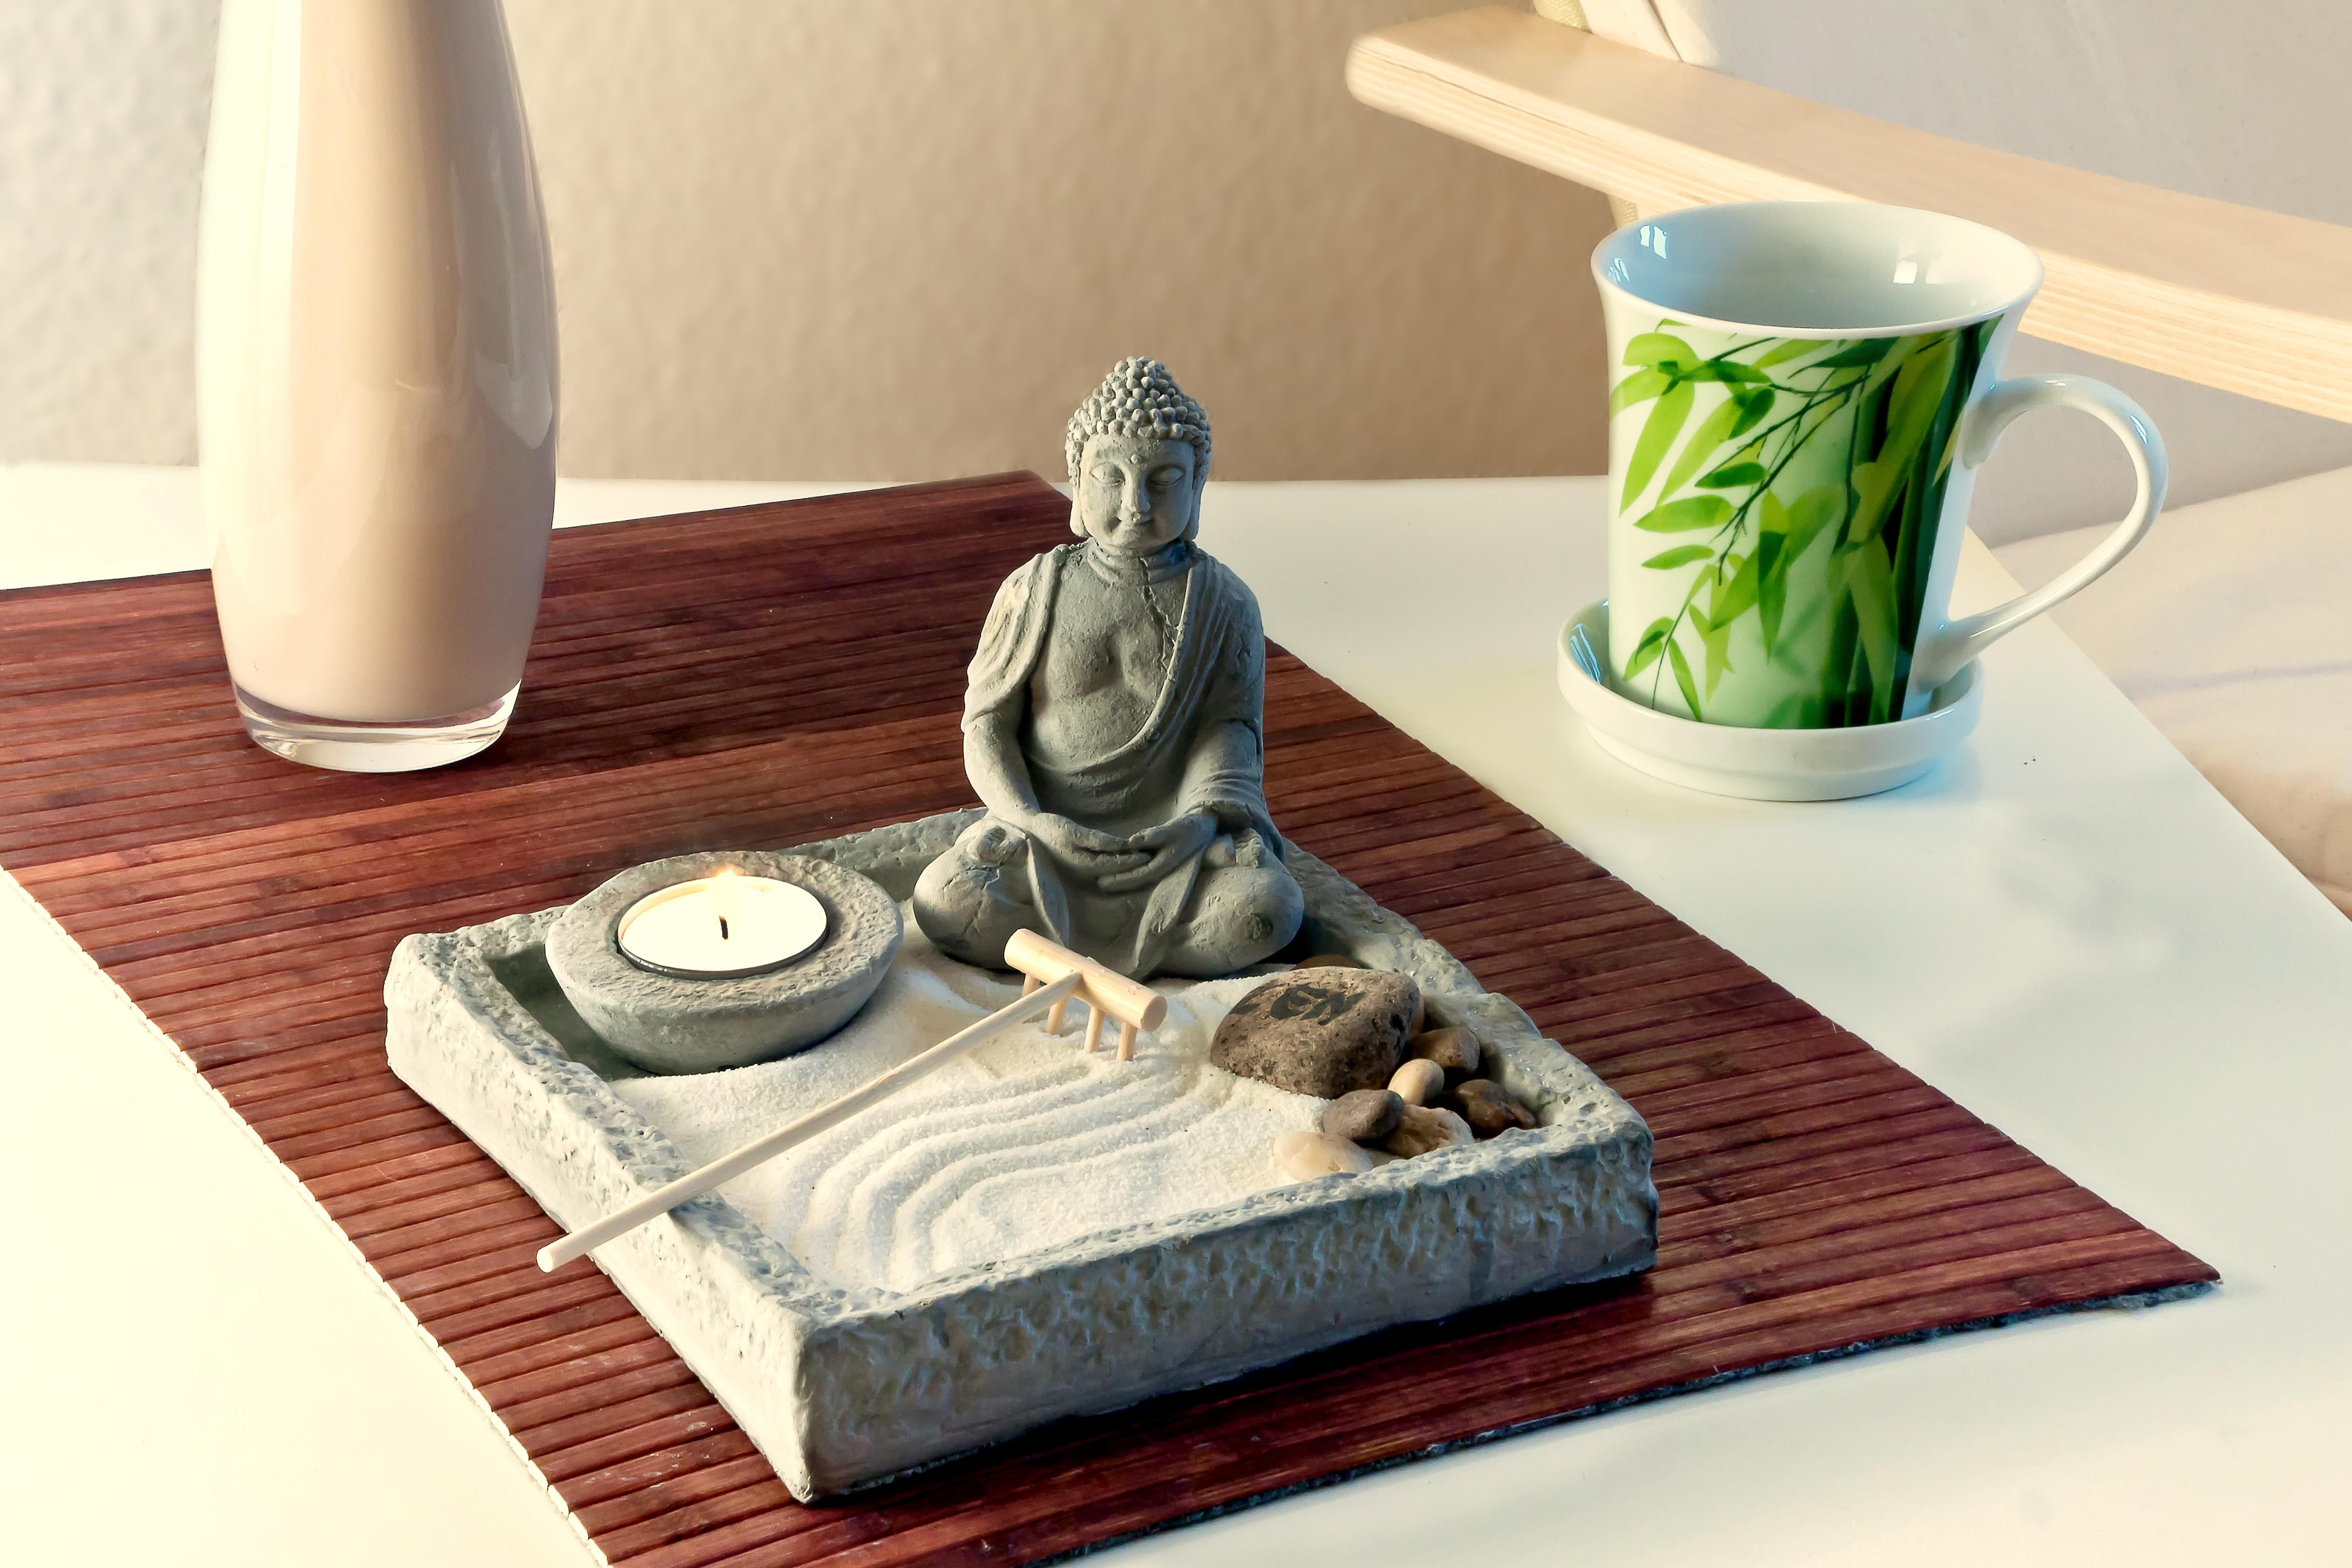 Jak zaaranżować domową przestrzeń zgodnie z feng shui?